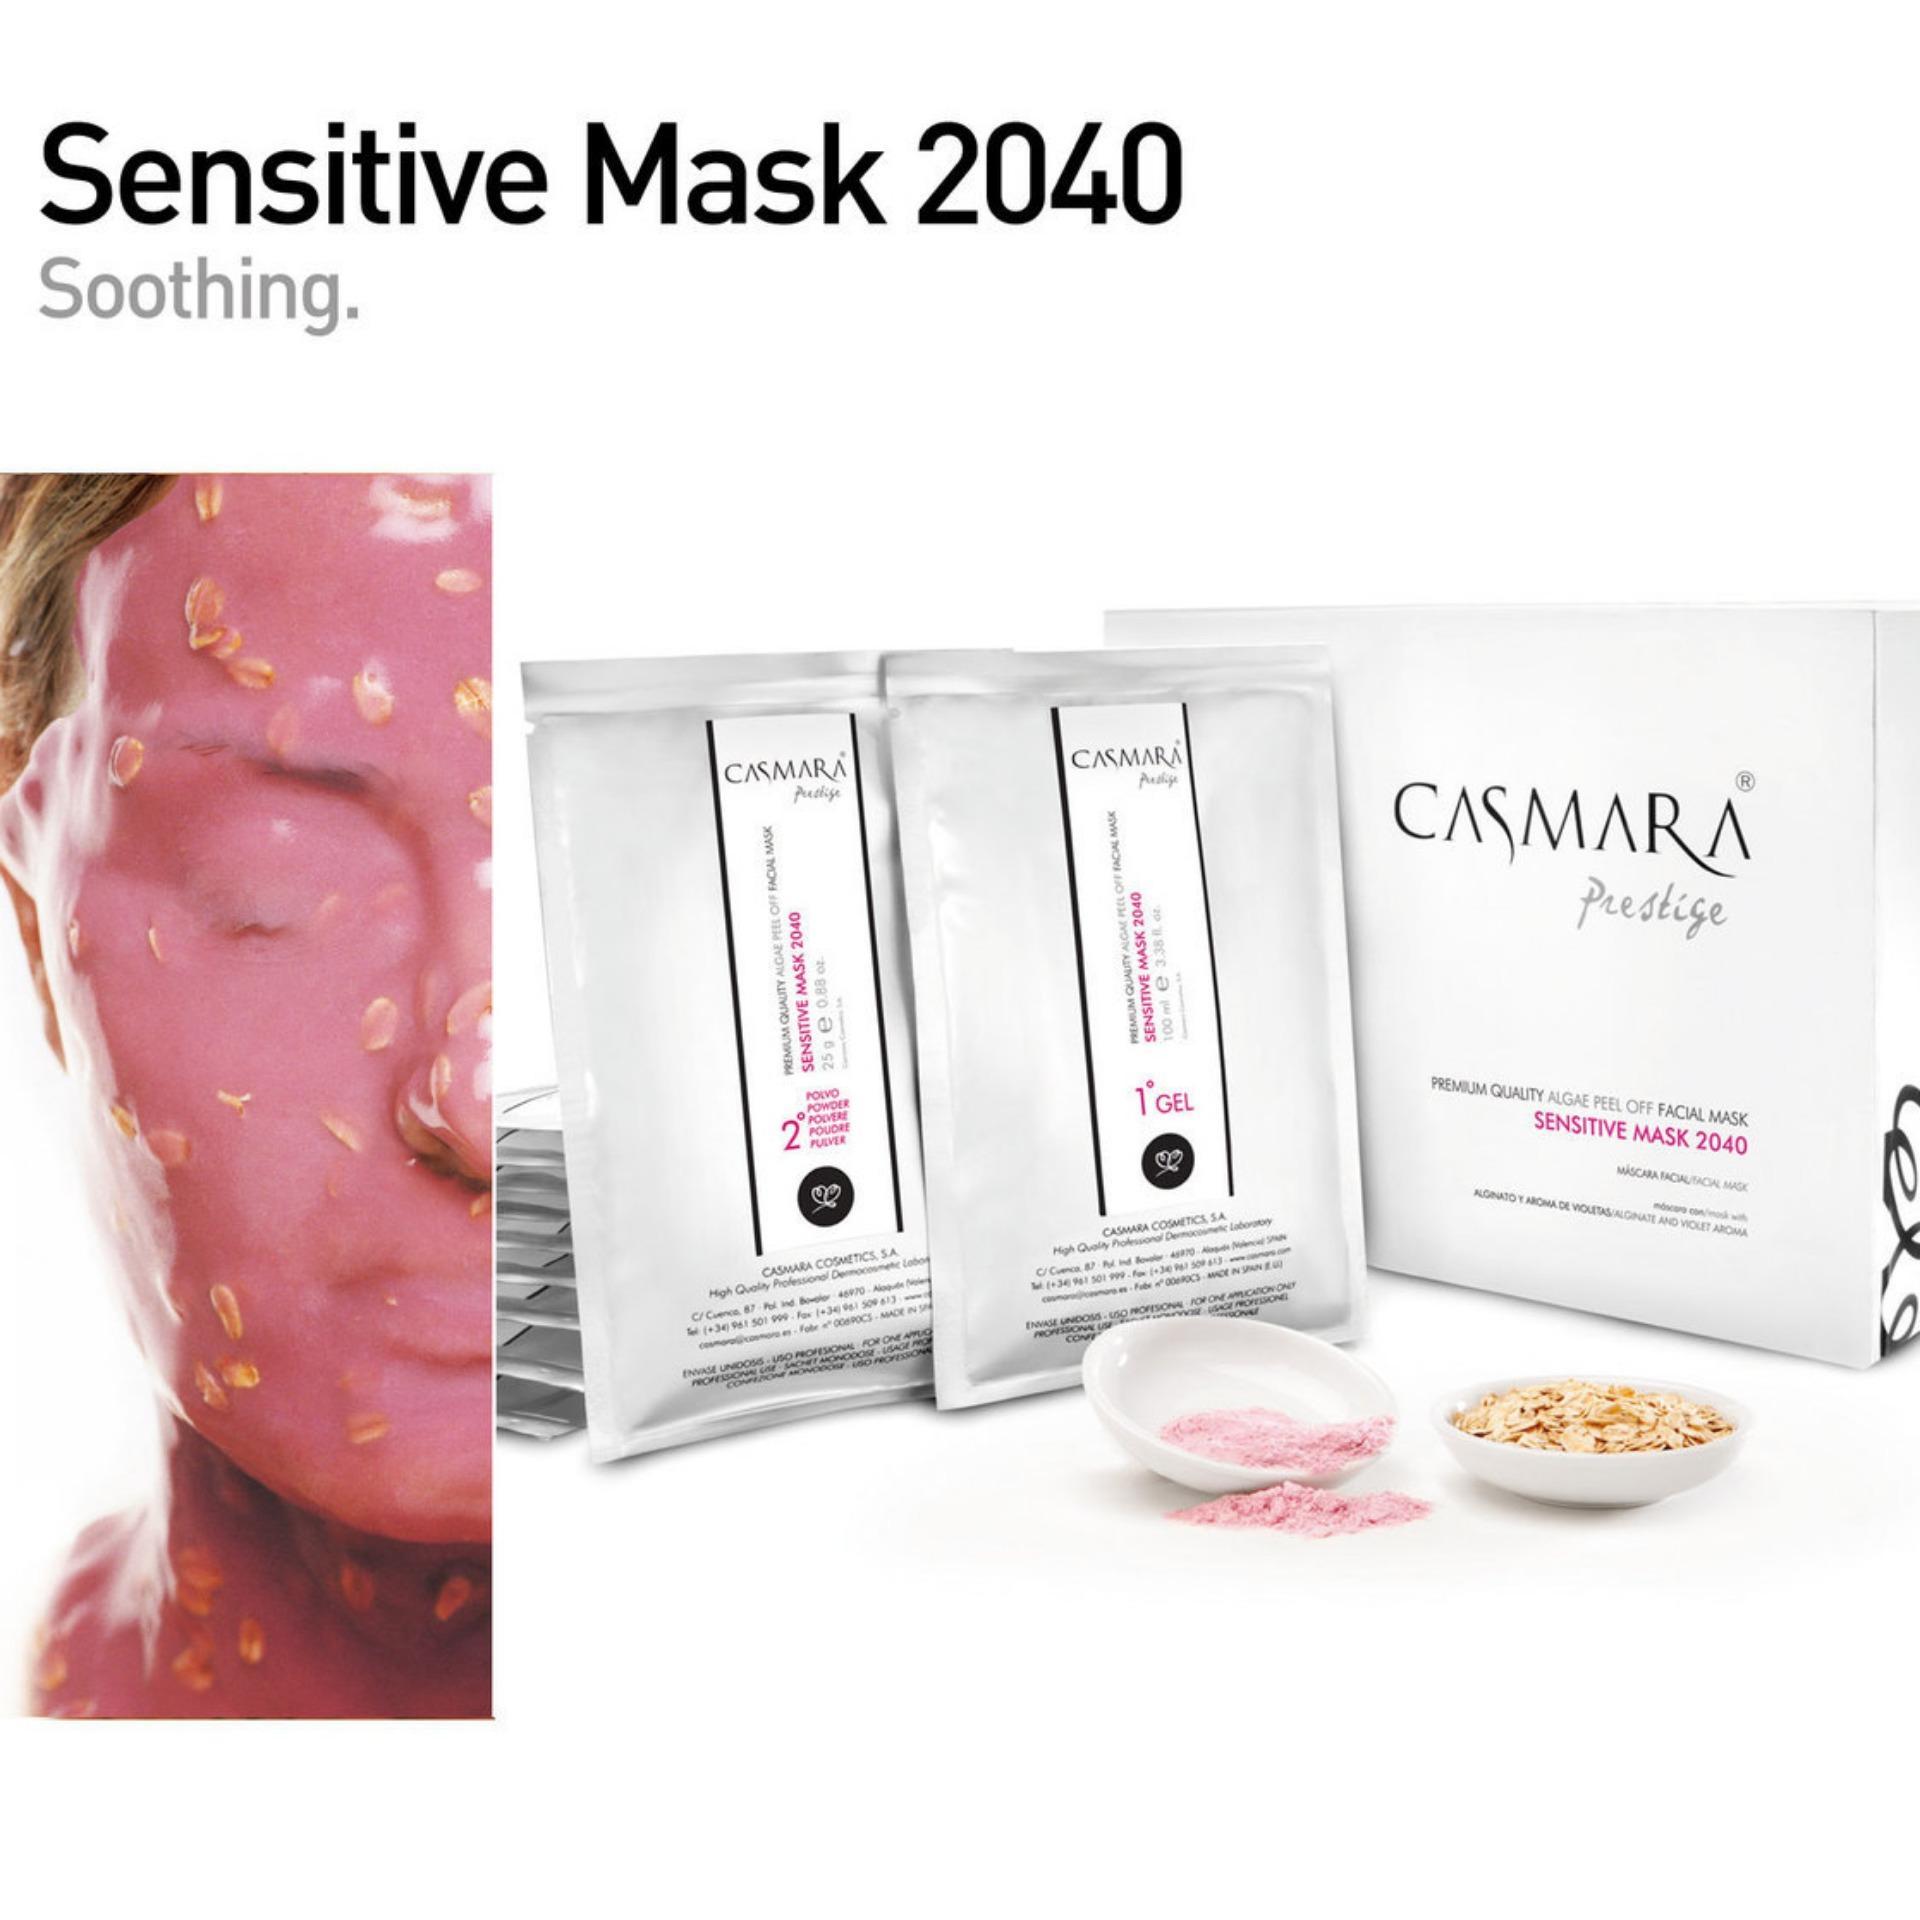 ... Pelembab Wajah Masker, Masker Vitamin, Masker Wajah Alami , Pelembab Wajah, Kulit Sensitif ...